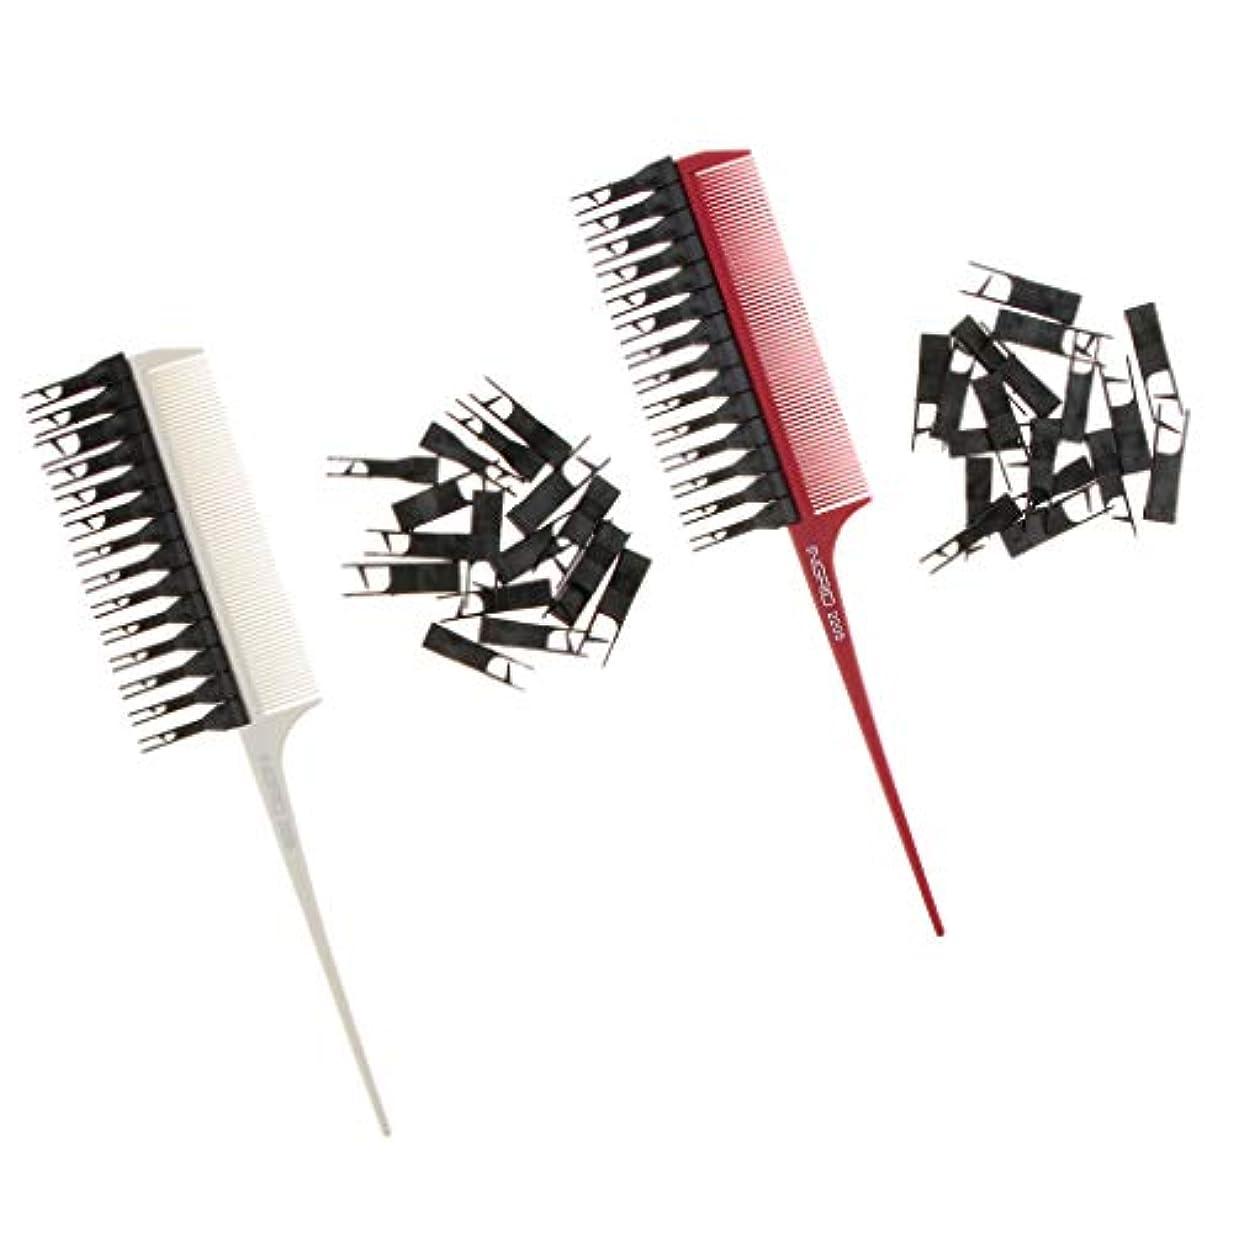 ペスト童謡ジョグ髪染めブラシ 織りハイライト櫛 ハイライト プラスチック 2個セット